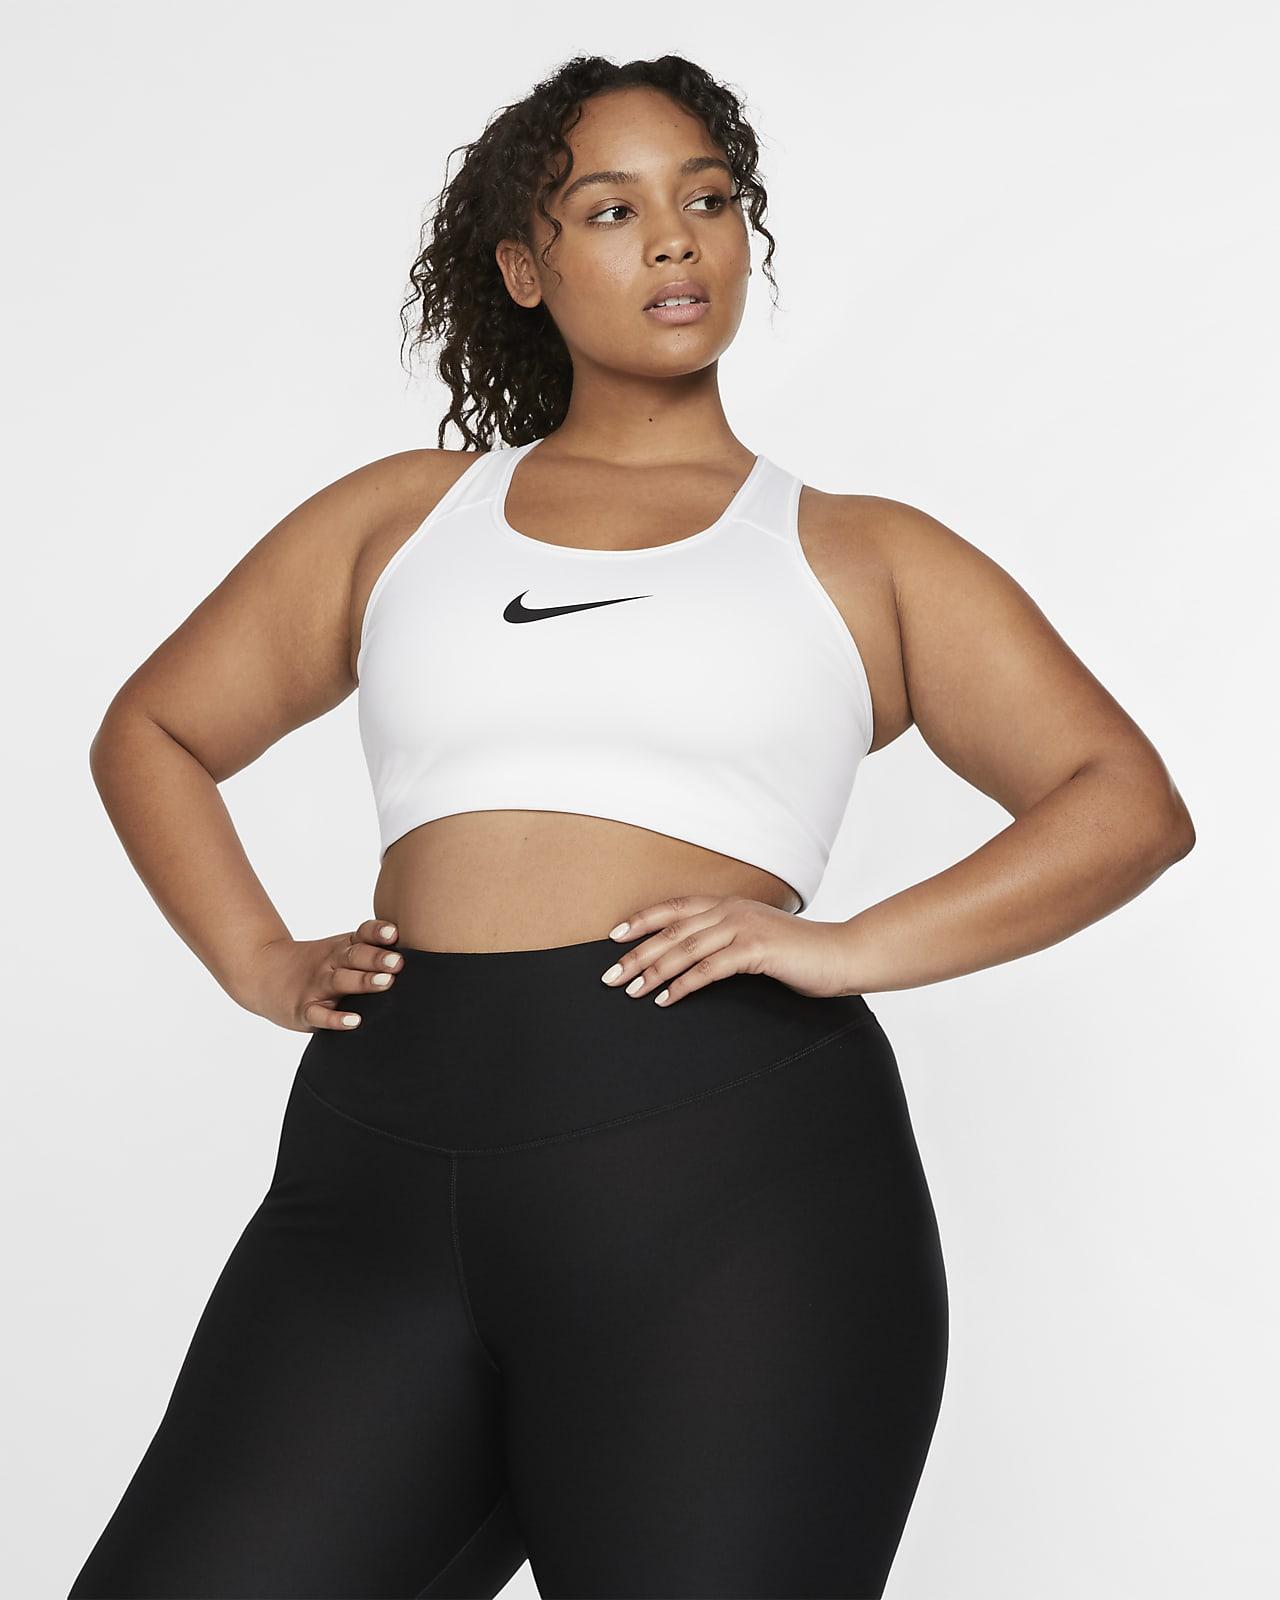 Nike Swoosh közepes tartást adó, párnázás nélküli női sportmelltartó (plus size méret)